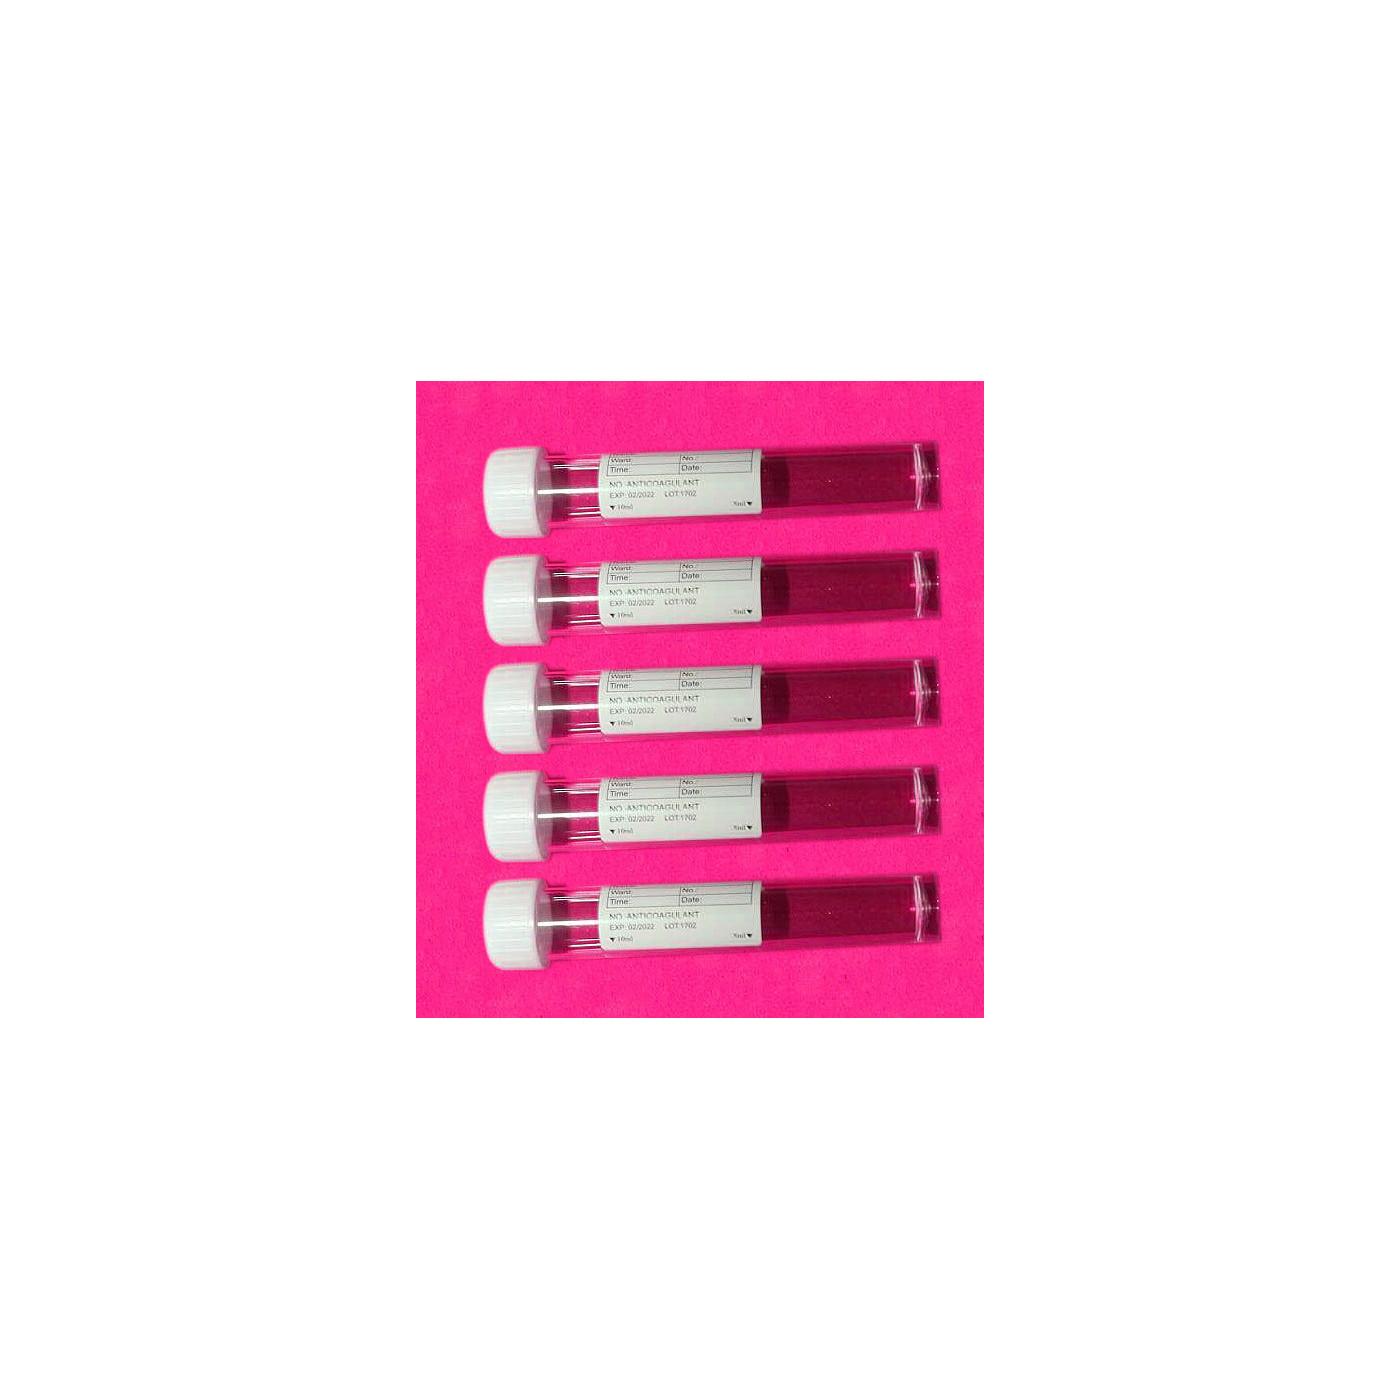 Set van 100 plastic reageerbuisjes (10 ml, polystyreen, met schroefdop)  - 1